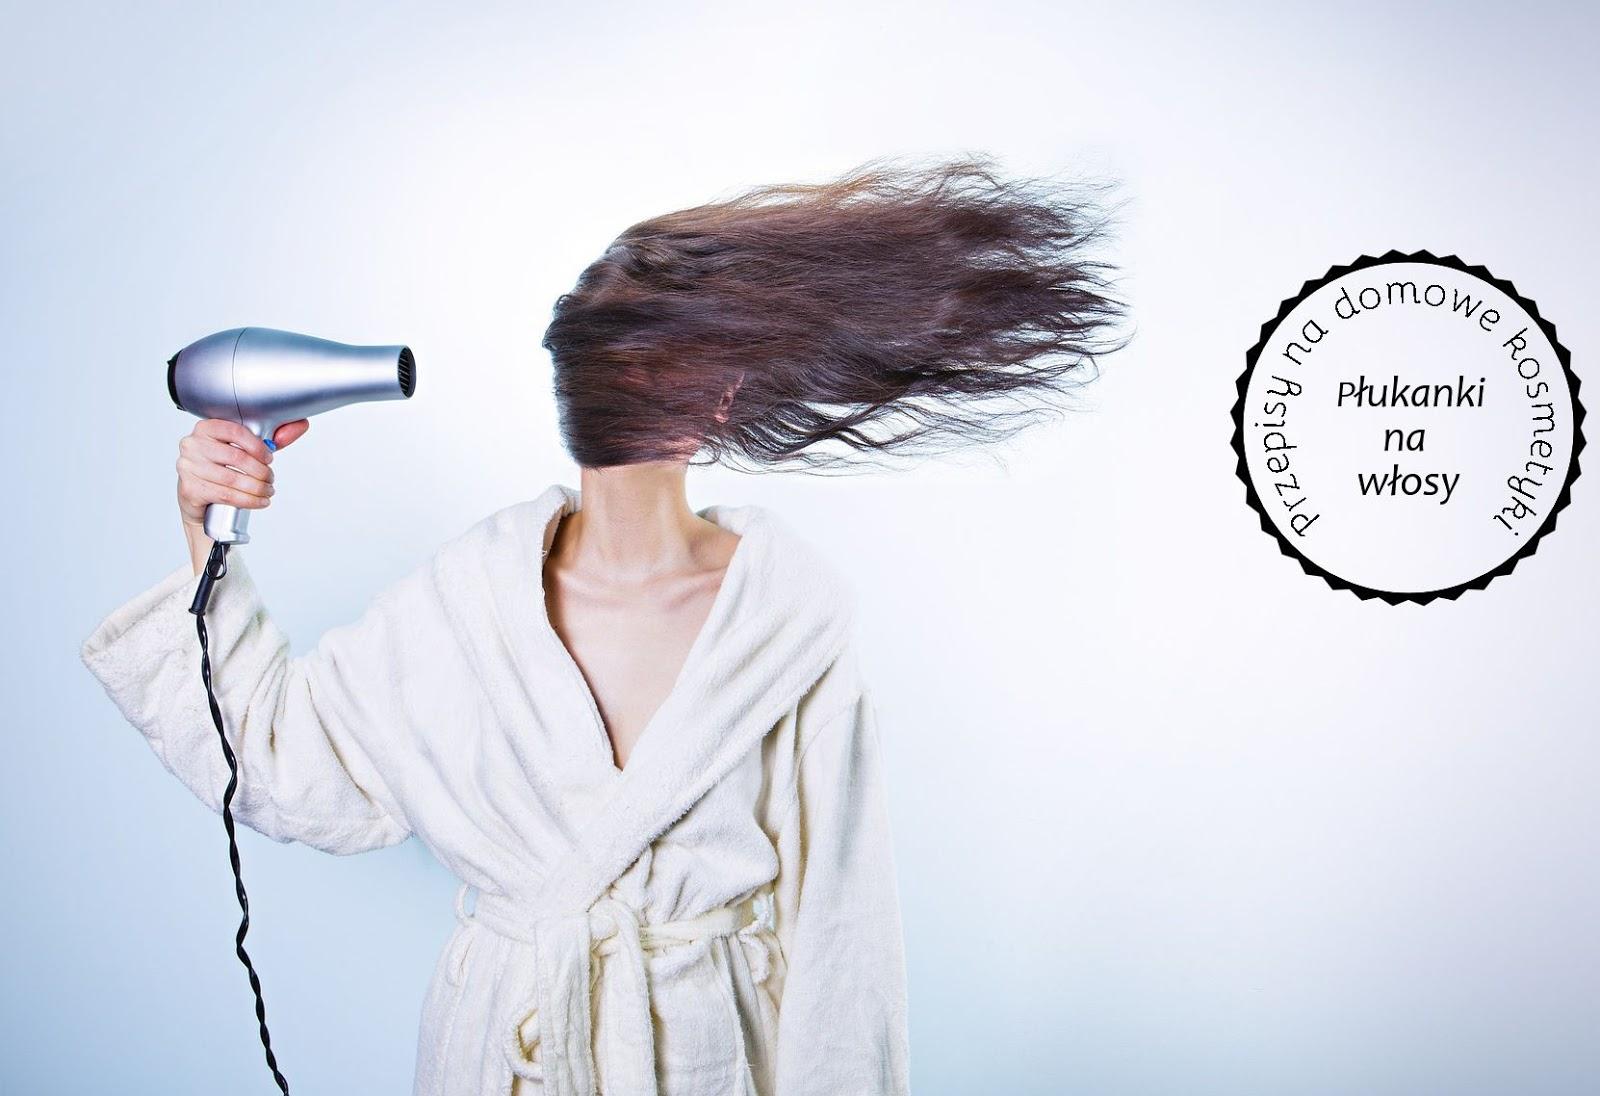 https://pixabay.com/pl/kobieta-suszenia-w%C5%82os%C3%B3w-dziewczyna-586185/